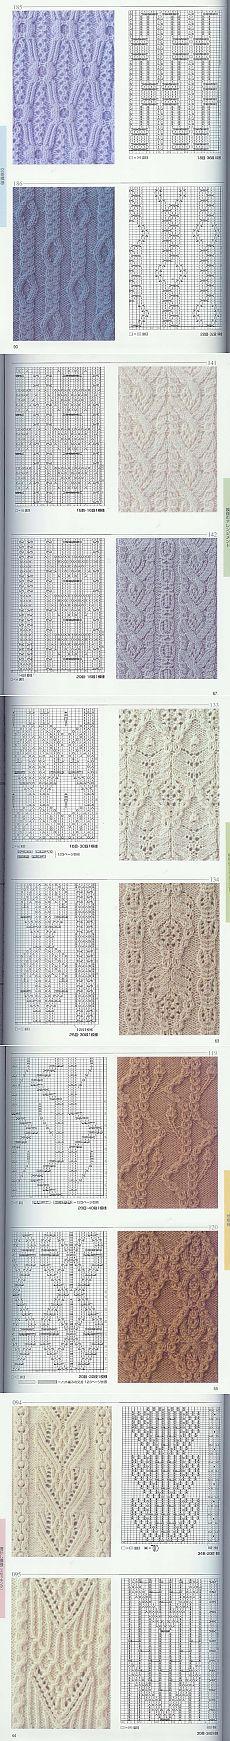 日本棒针花样编织250例(2)--木棉花的日志 - ╰☆開心快樂ㄜ︵的日志 - 网易博客